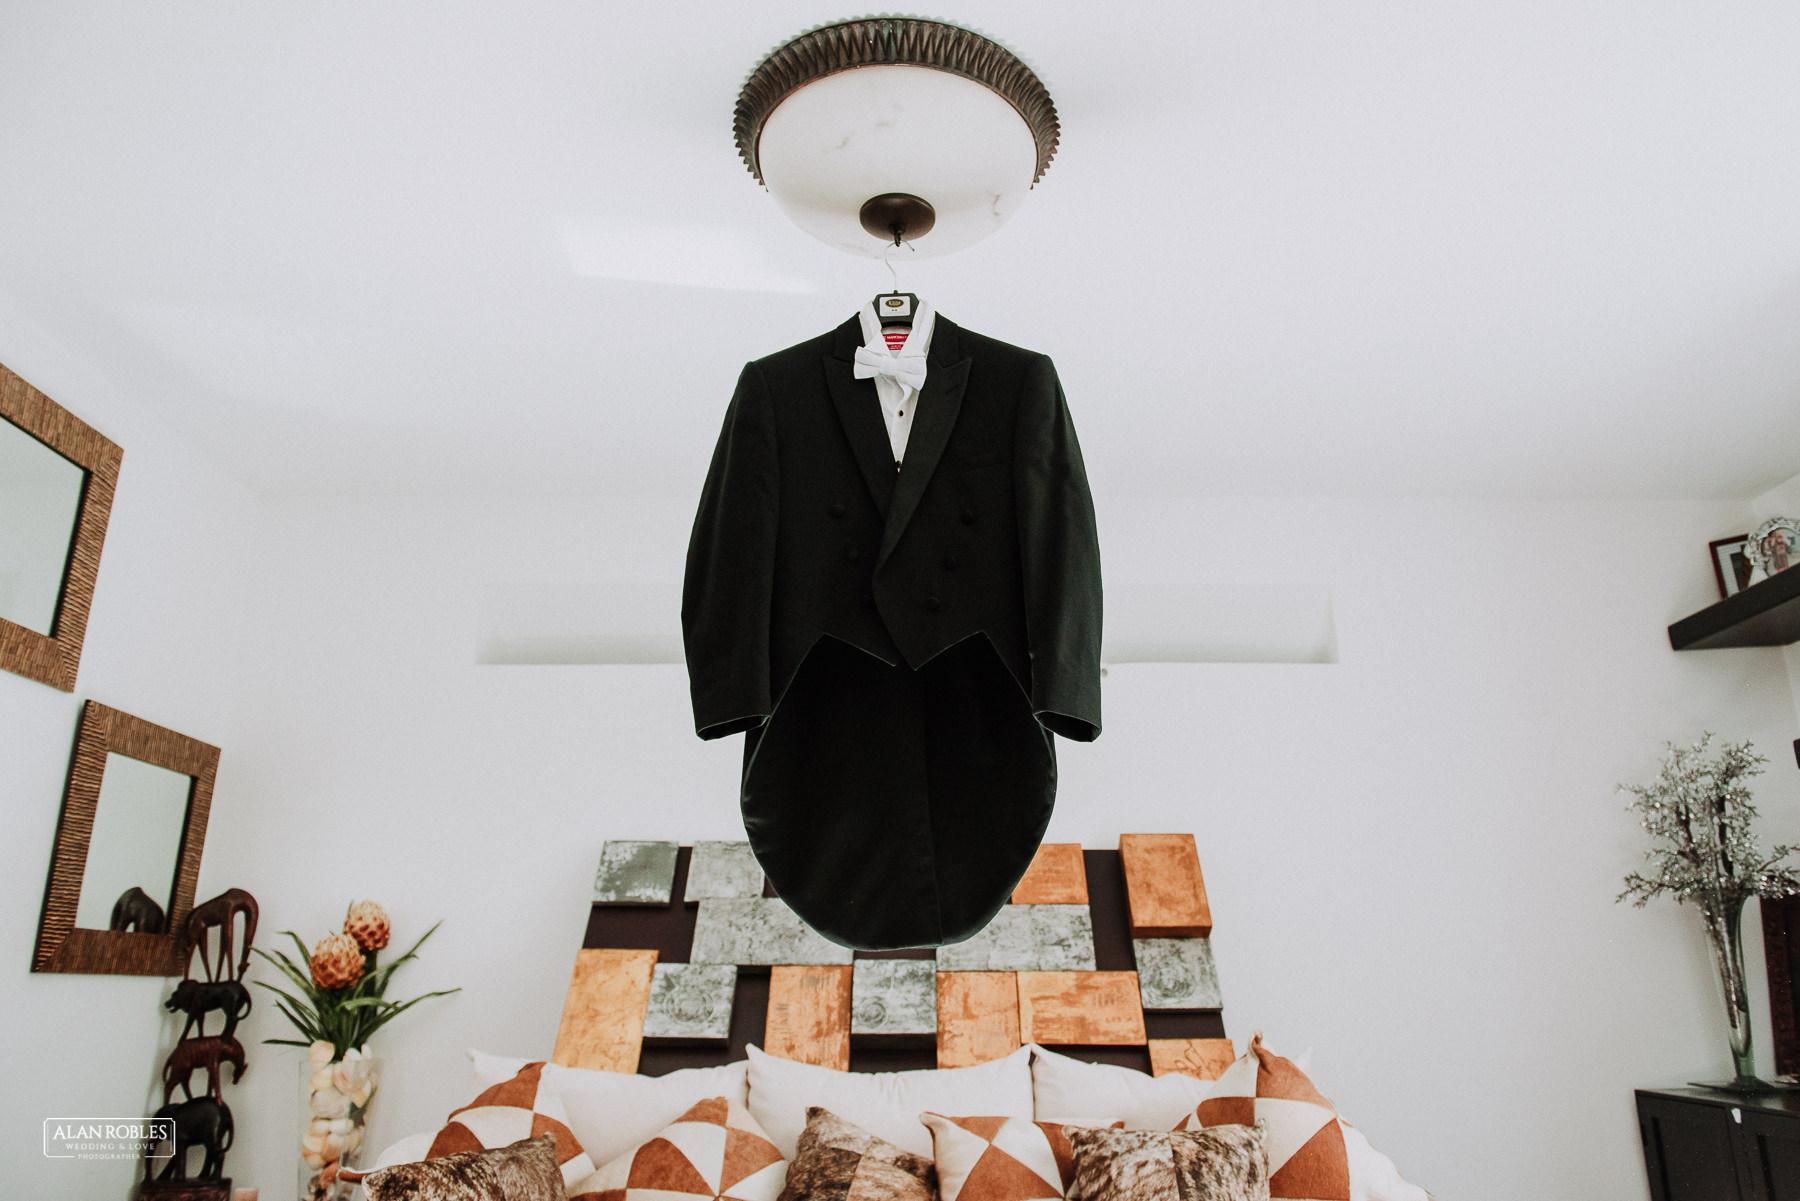 Fotografo de bodas Alan Robles-Casa Clementina Guadalajara DyA-13